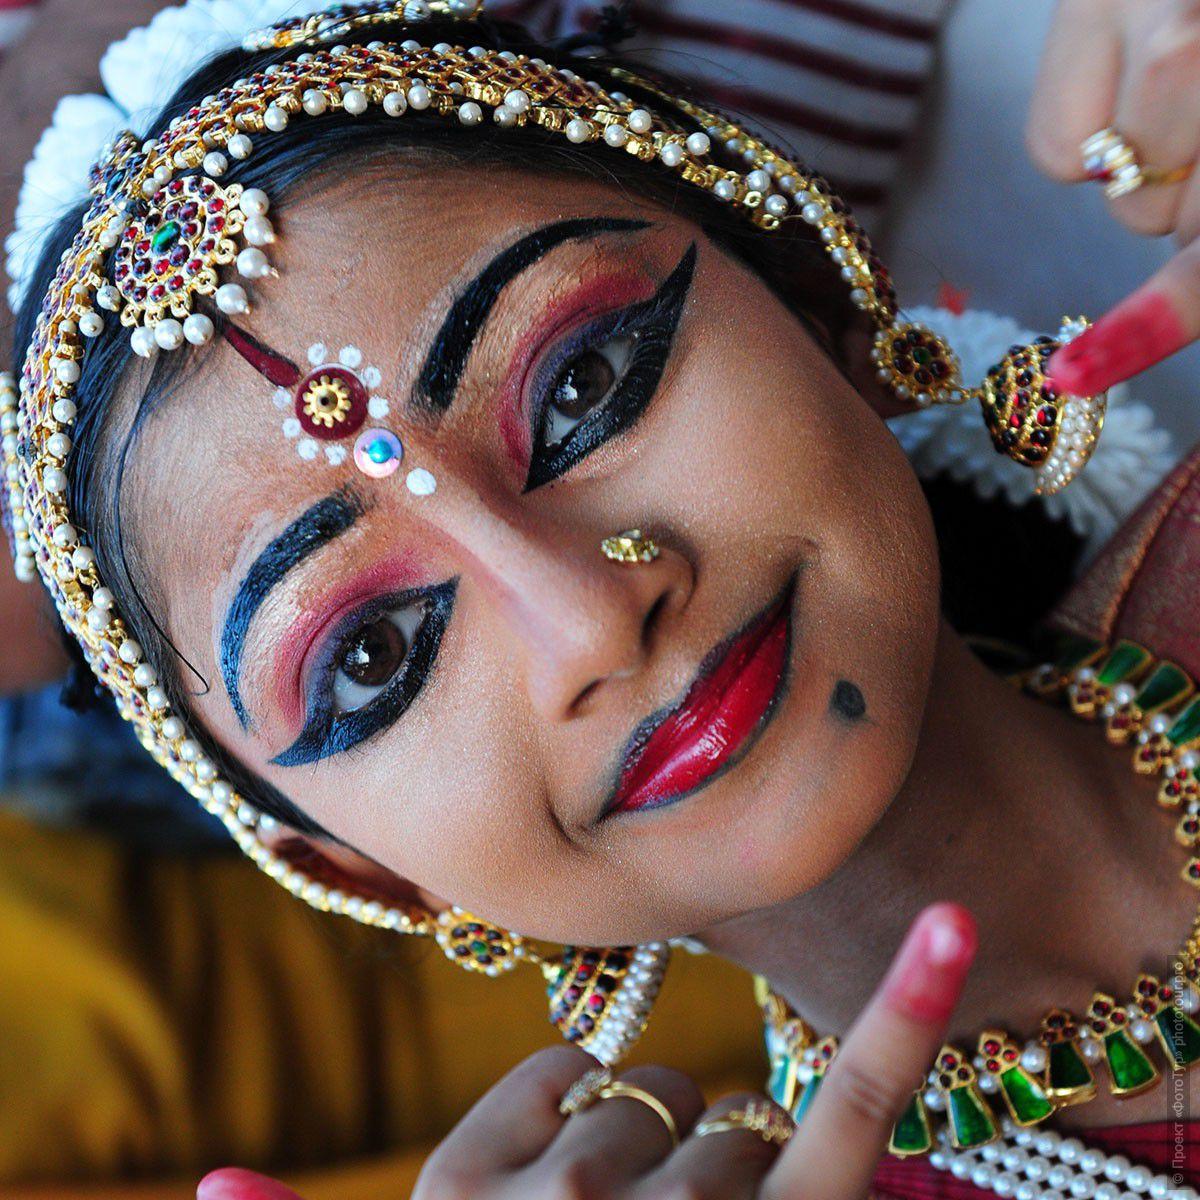 как красят губы современные индианки было очень старое